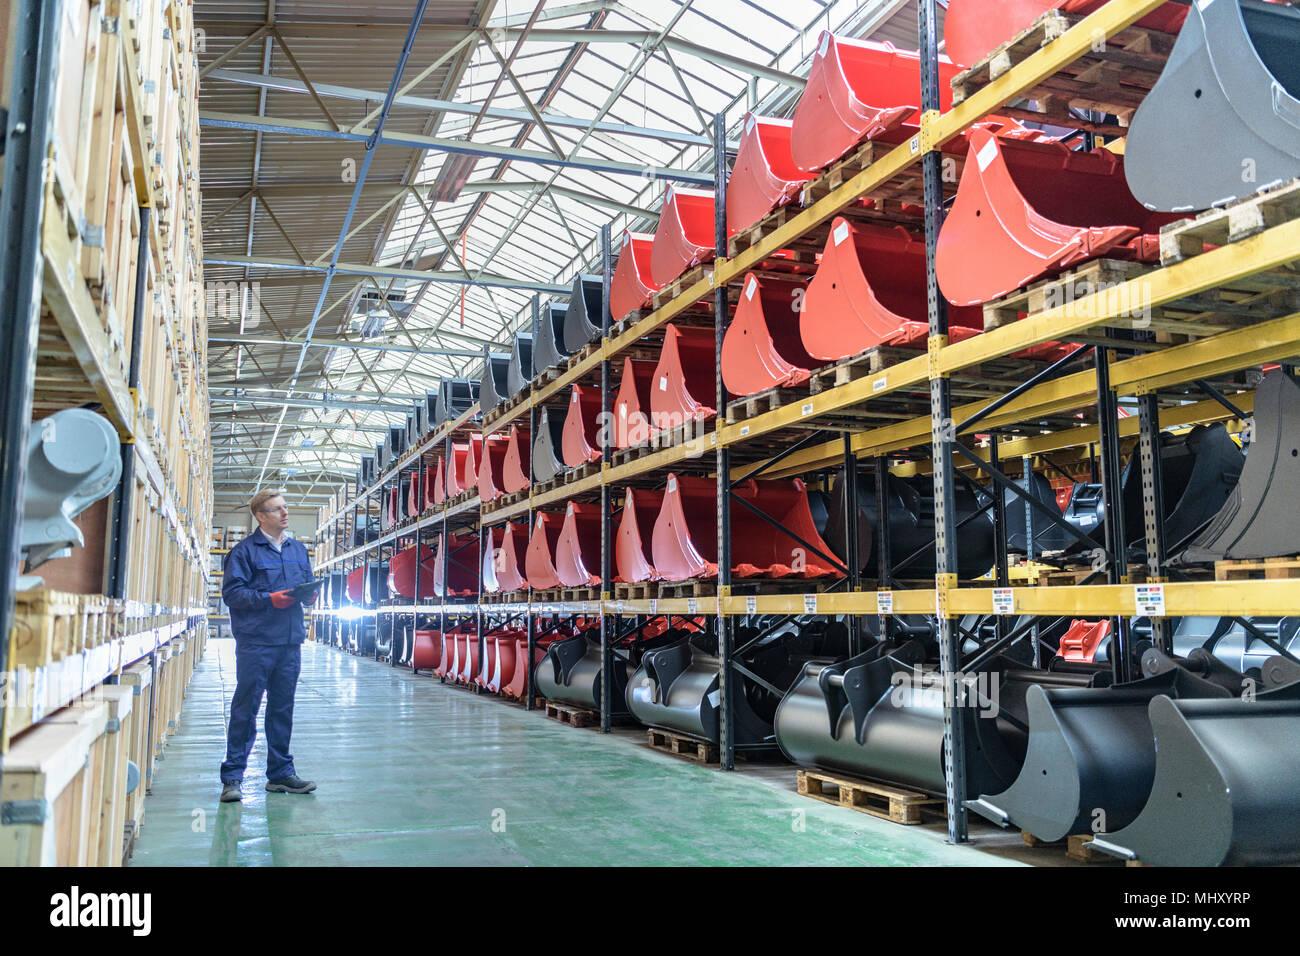 Travailleur dans l'espace de stockage dans l'usine d'ingénierie Photo Stock